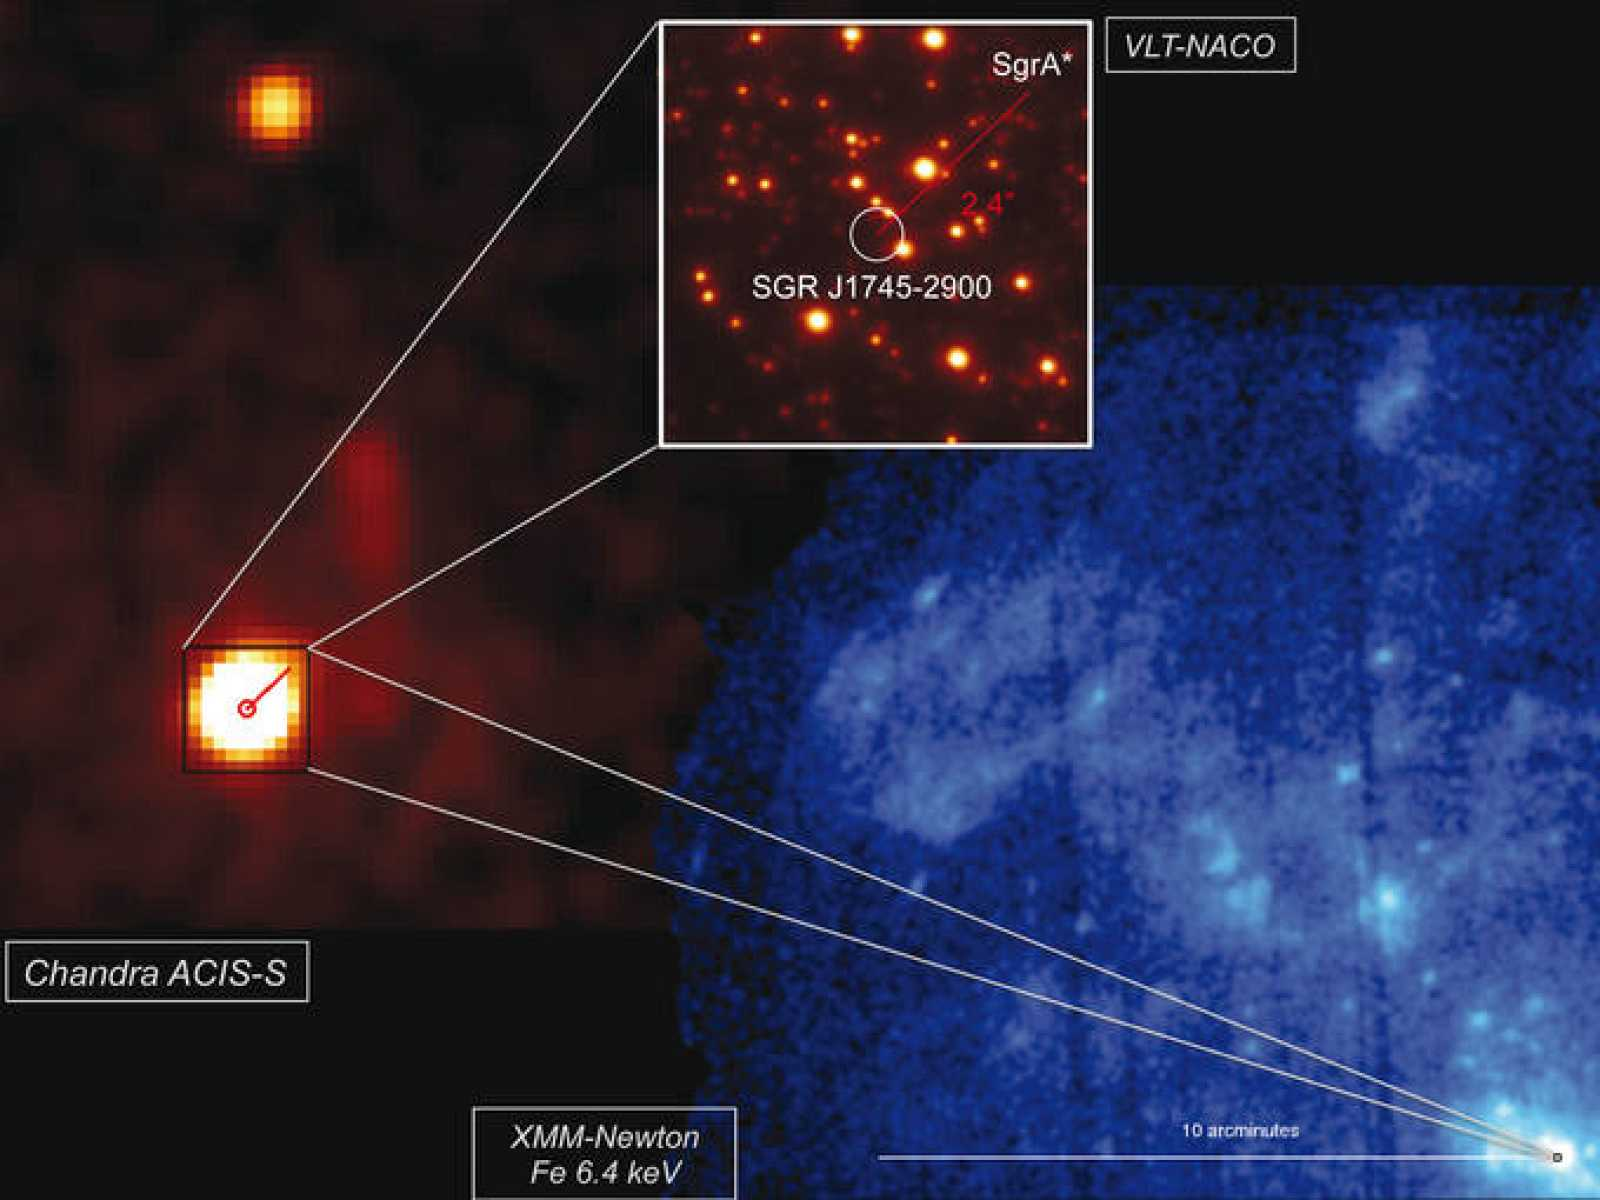 Caja de 500 X 500 alrededor de la posición del magnetar.